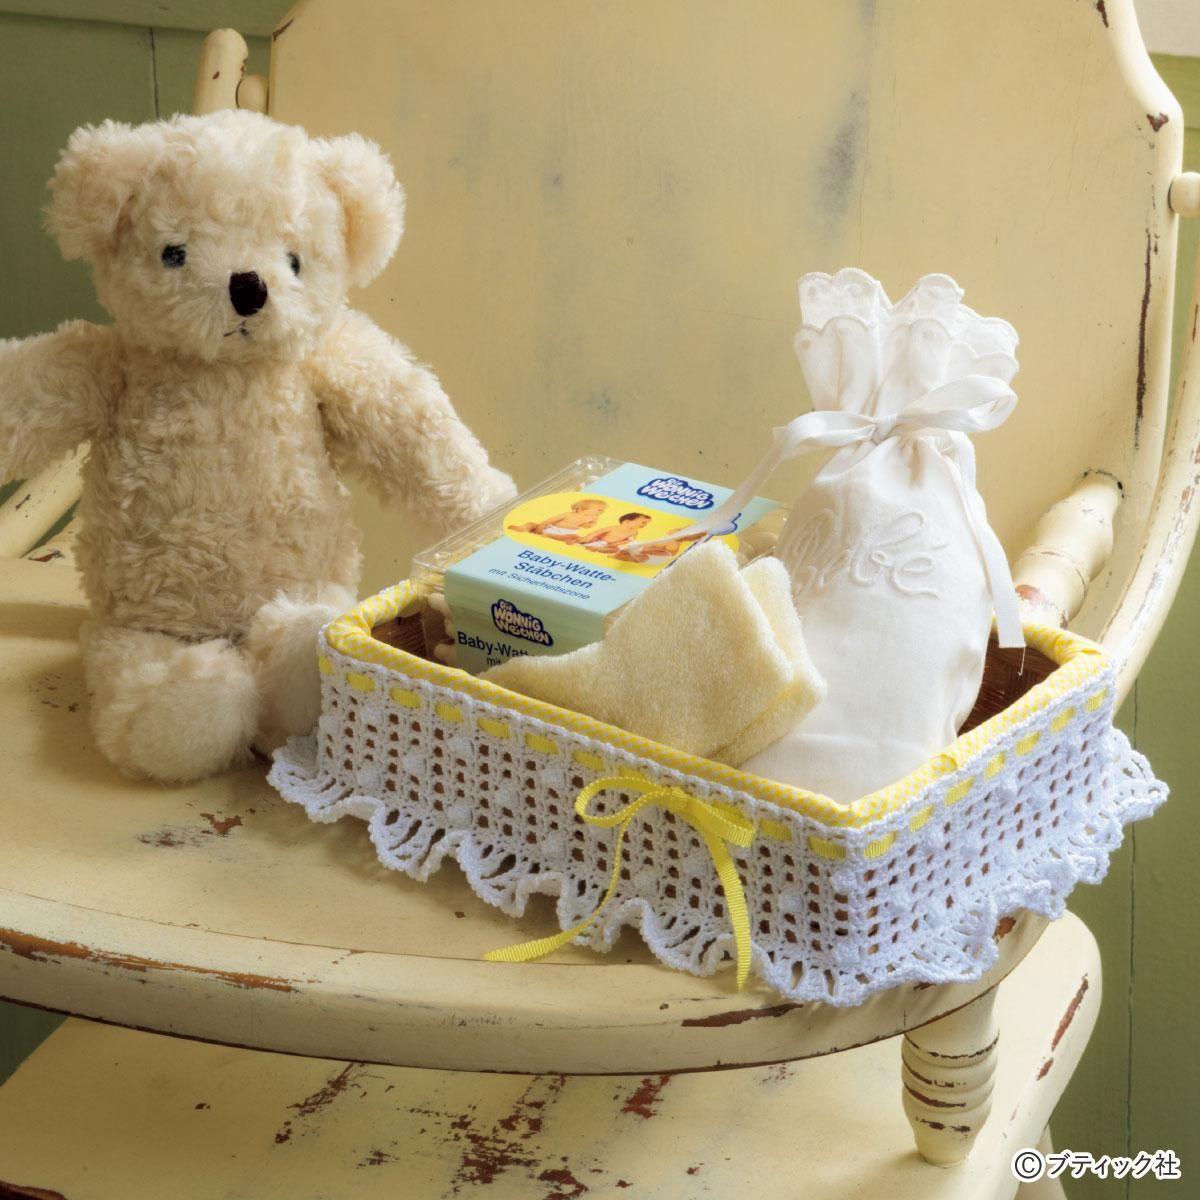 出産祝いにもおすすめ ベビーの小物入れ の作り方 ぬくもり バッグの作り方 ハンドメイド 手作り トートバッグ おしゃれ